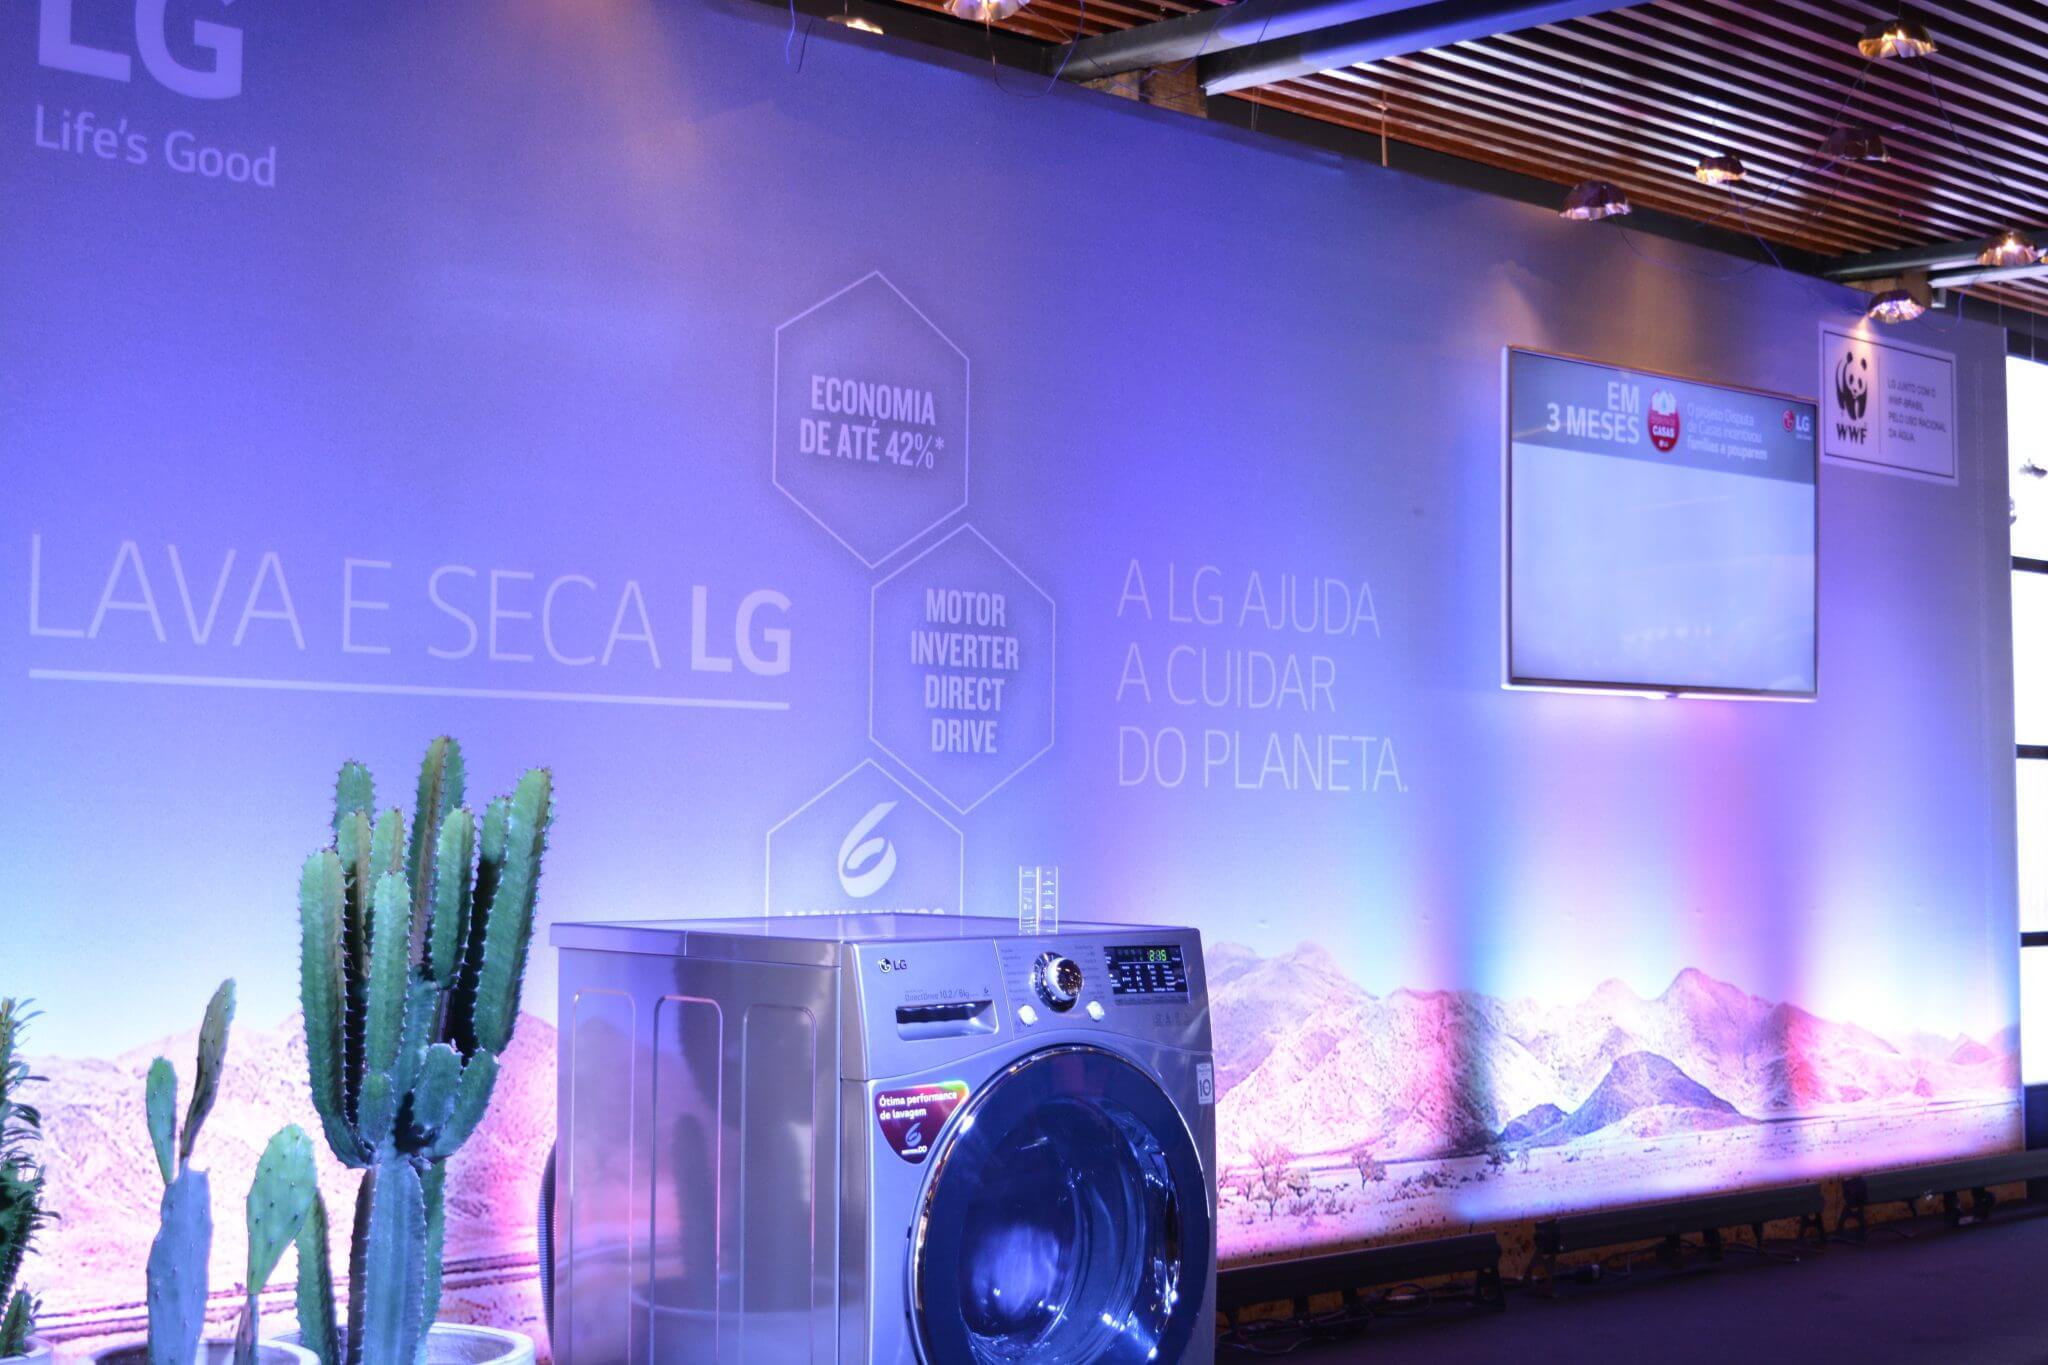 Campo de Teste: no dia mundial da água, LG conscientiza com nova campanha